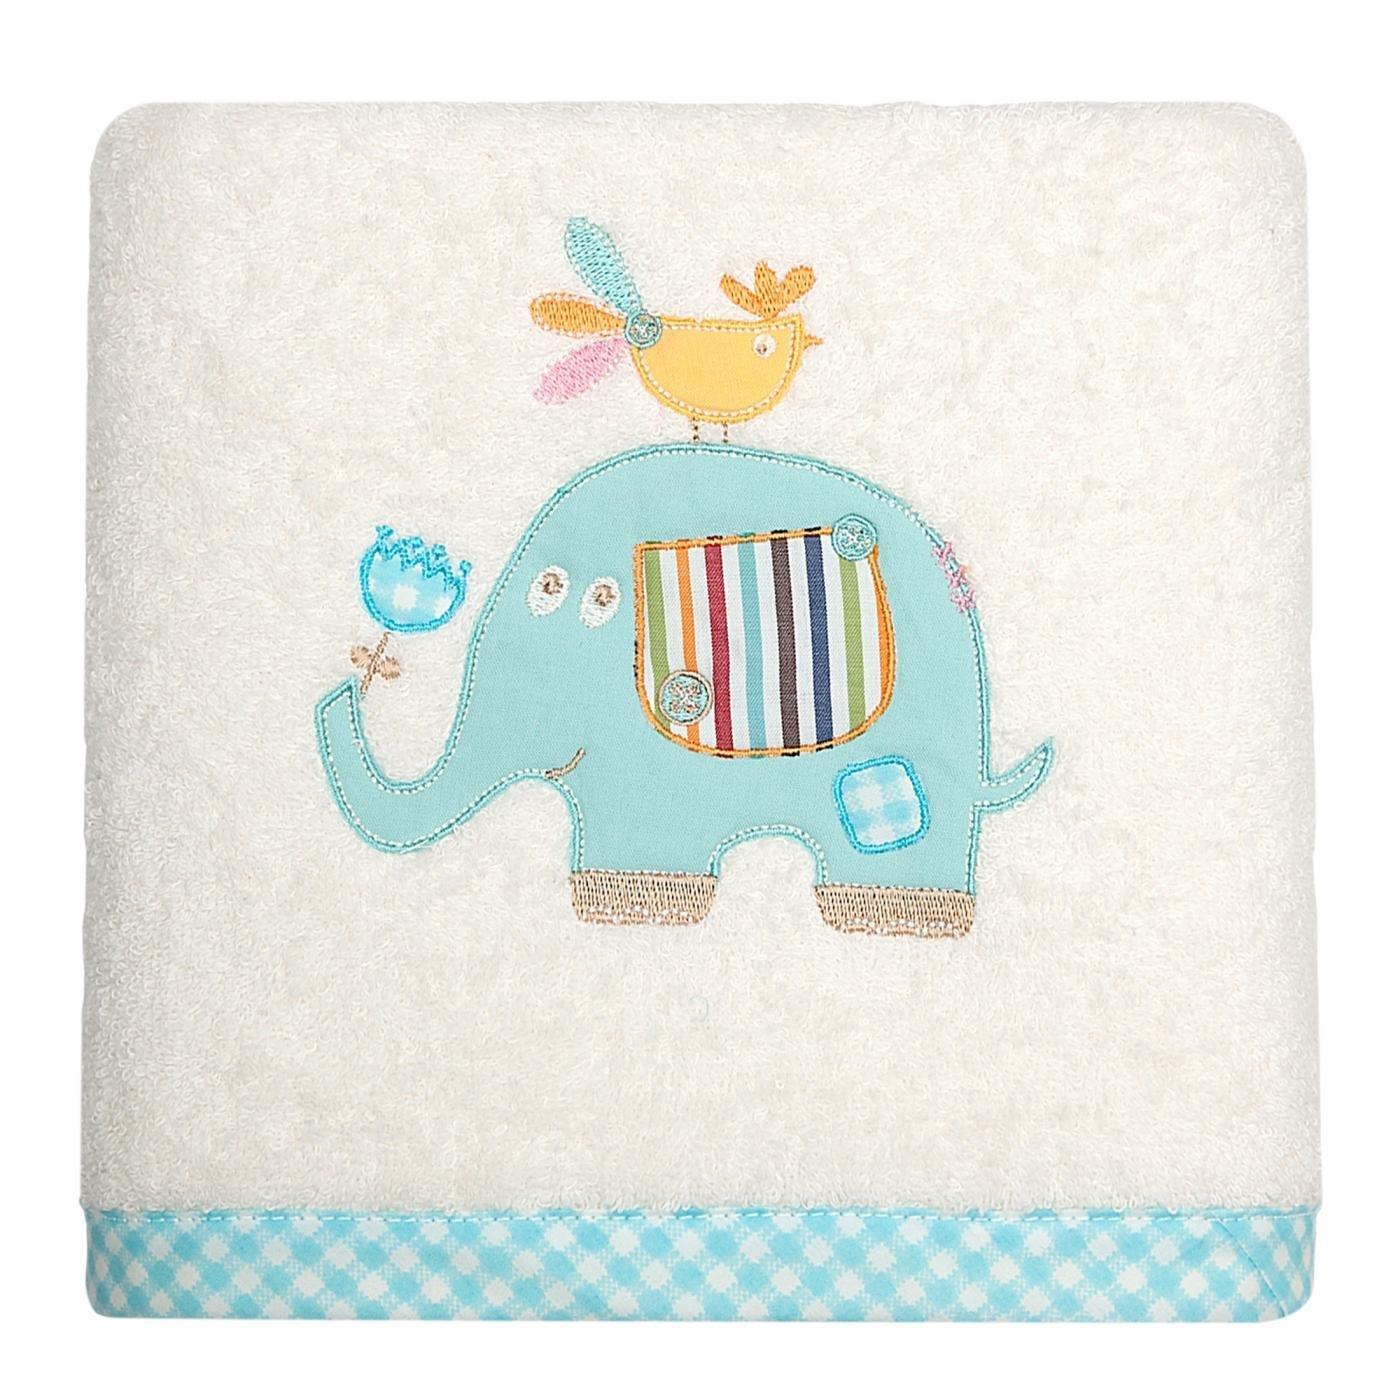 Dziecięcy ręcznik kąpielowy z aplikacją turkus 70x140 cm